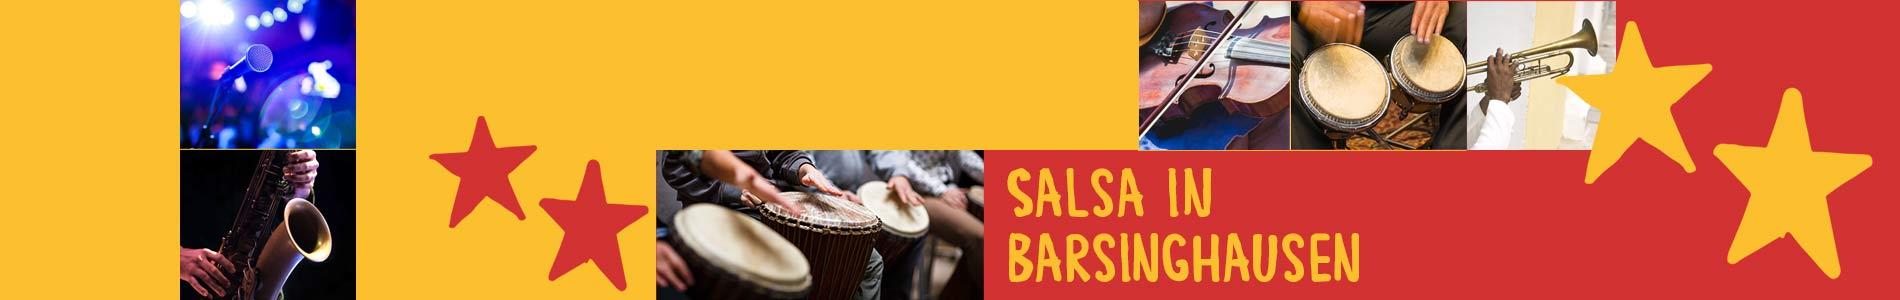 Salsa in Barsinghausen – Salsa lernen und tanzen, Tanzkurse, Partys, Veranstaltungen